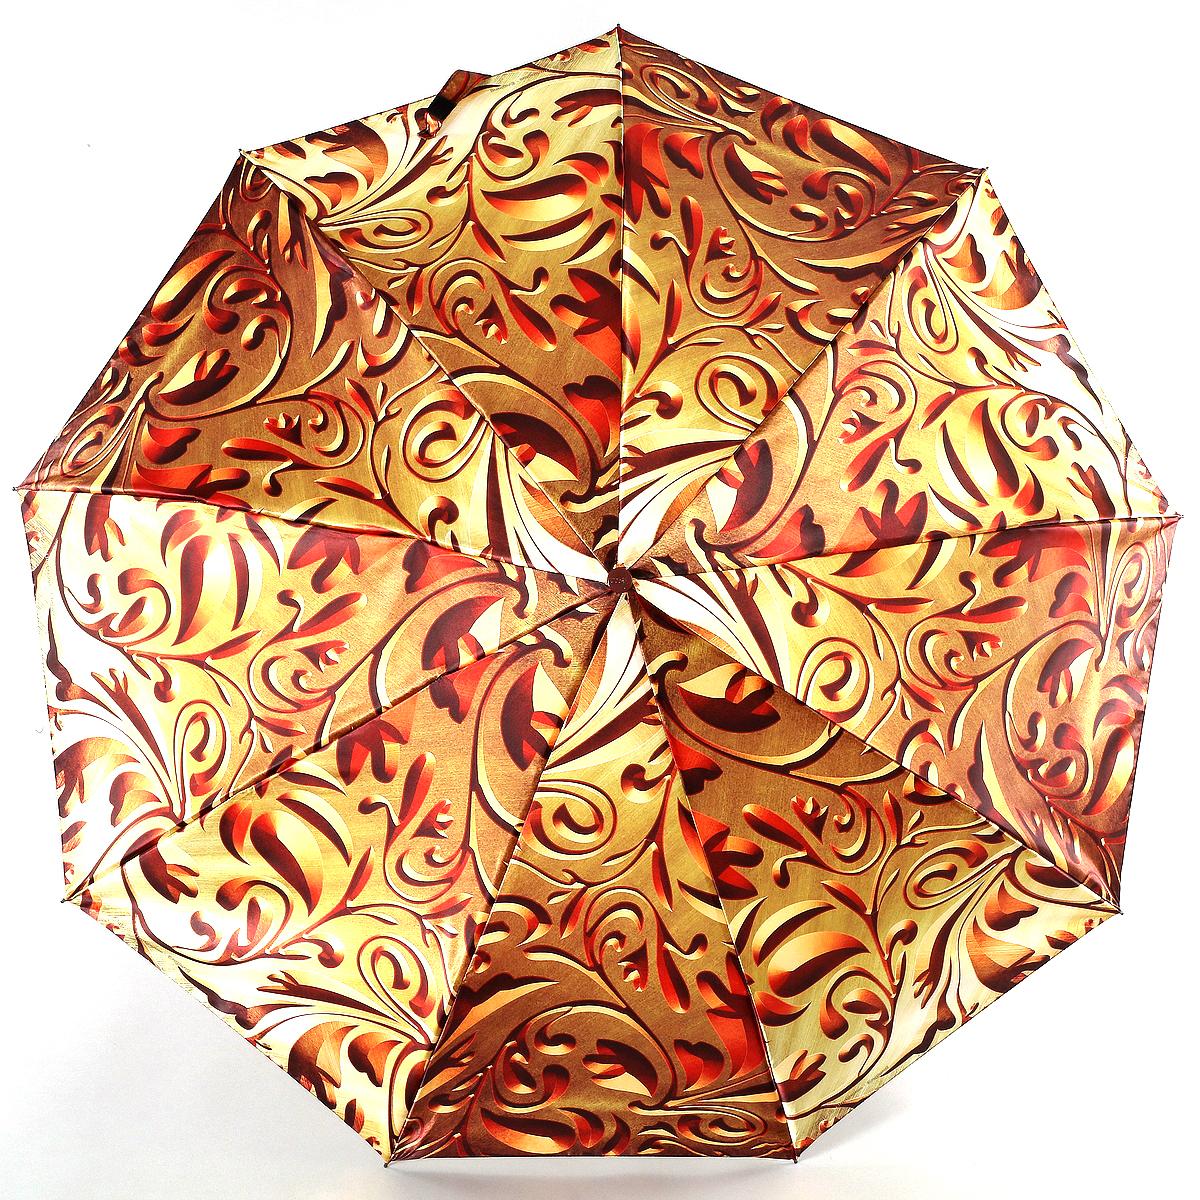 Зонт женский Zest, цвет: золотой, красный. 23944-301923944-3019Сатиновый женский зонт в 3 сложения. Модель зонта выполнена в механизме - полный автомат, оснащена системой Антиветер, которая позволяет спицам при порывах ветра выгибаться наизнанку, и при этом не ломаться. Удобная ручка выполнена из пластика. Данный аксессуар особенно хорош для тех, кто привык к комфорту. Вес зонта 480 грамм.